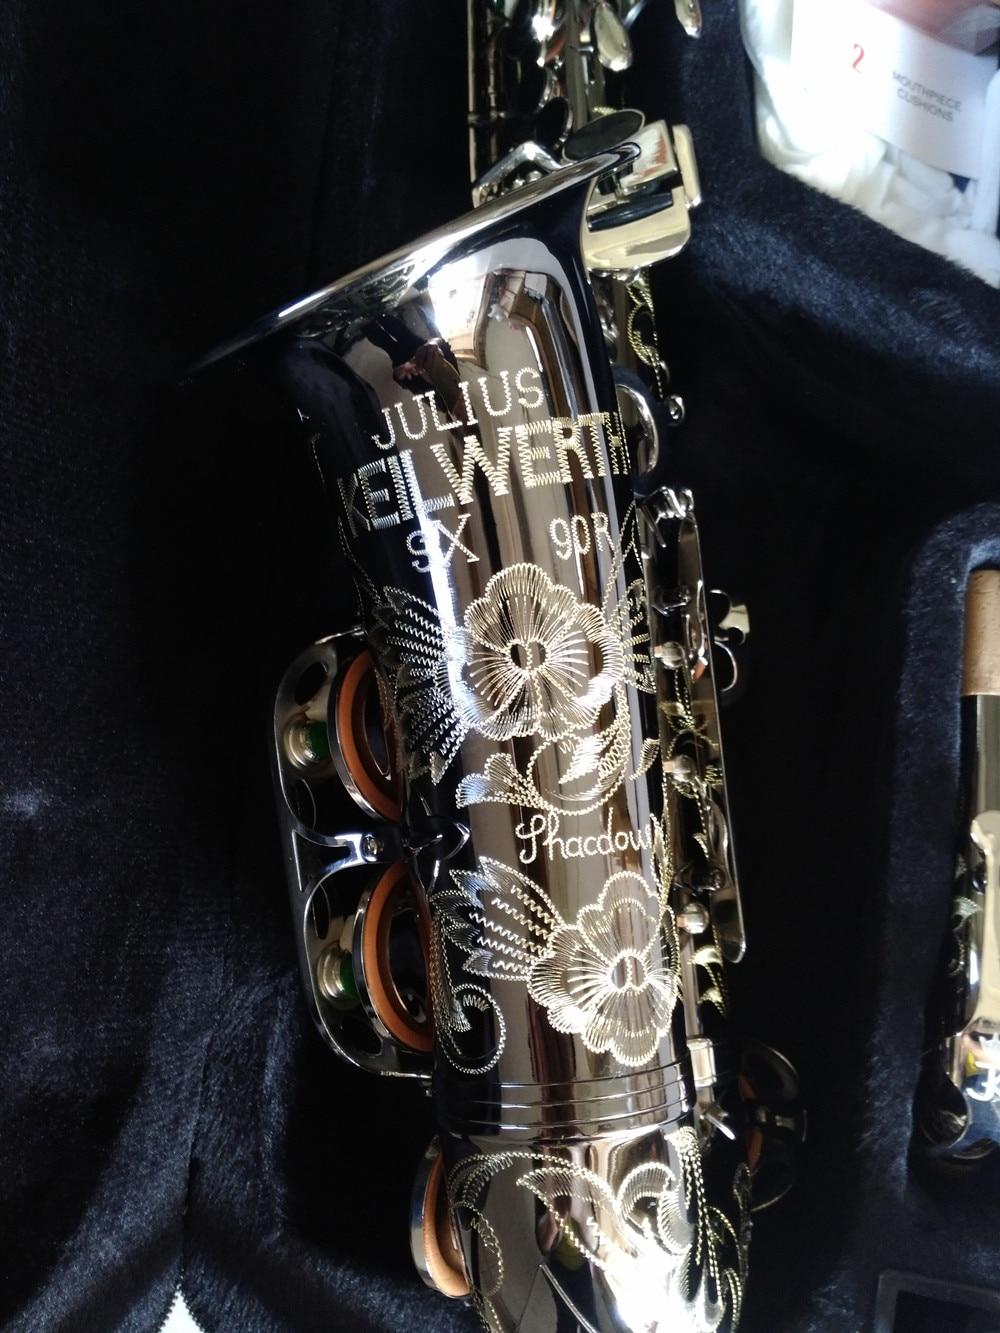 Альт-саксофон Keilwerth, копия немецкого JK SX90R, настоящая картина, черный профессиональный музыкальный инструмент NickeI с мундштуком Sax 4